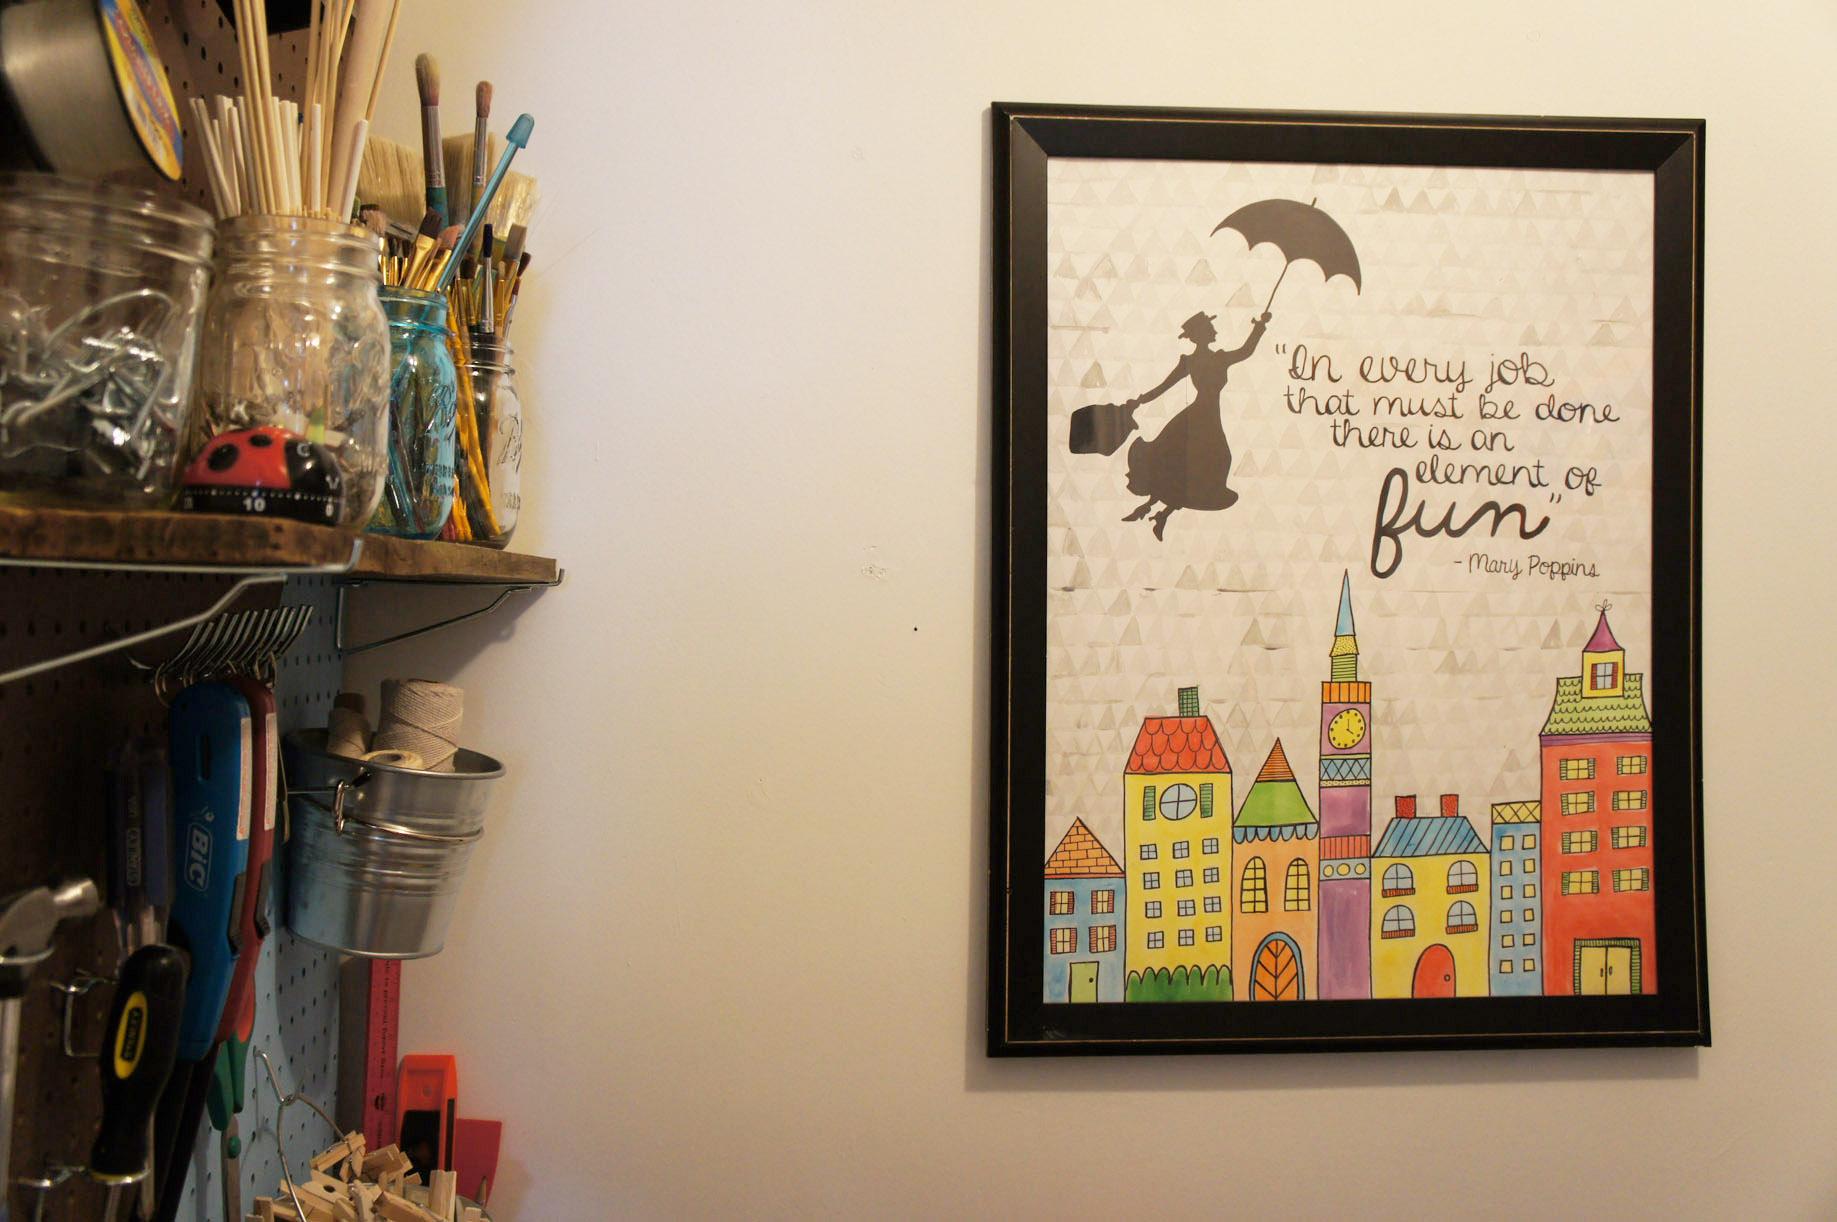 Mary Poppins laundry room artwork